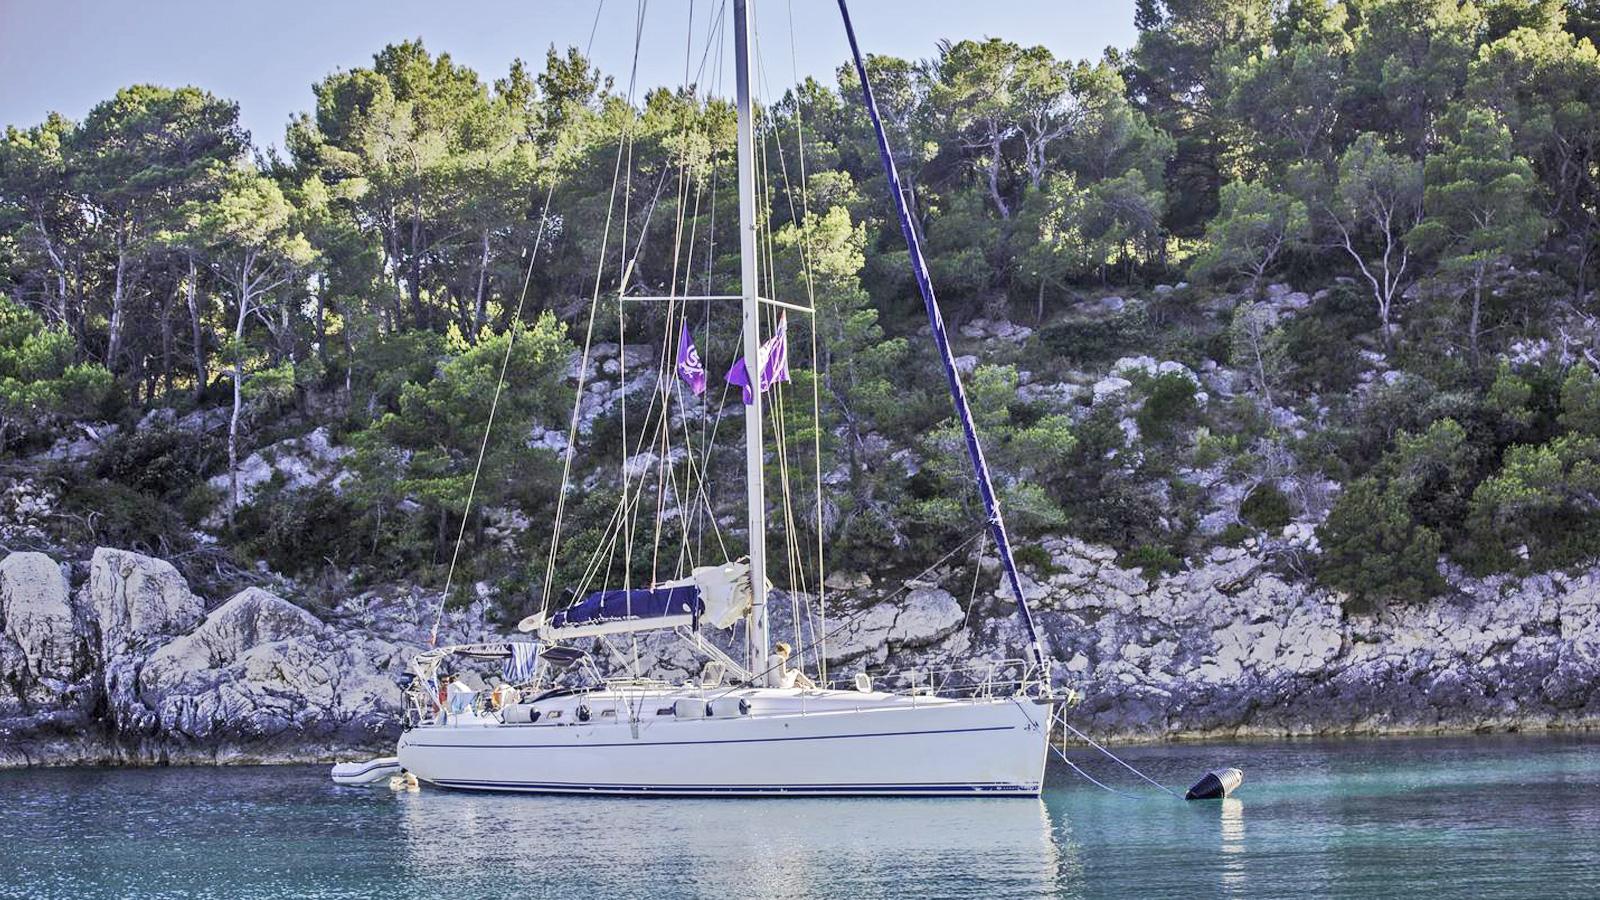 Segeln in Griechenland: Von Santorini nach Santorini Gruppenreise traveljunkies